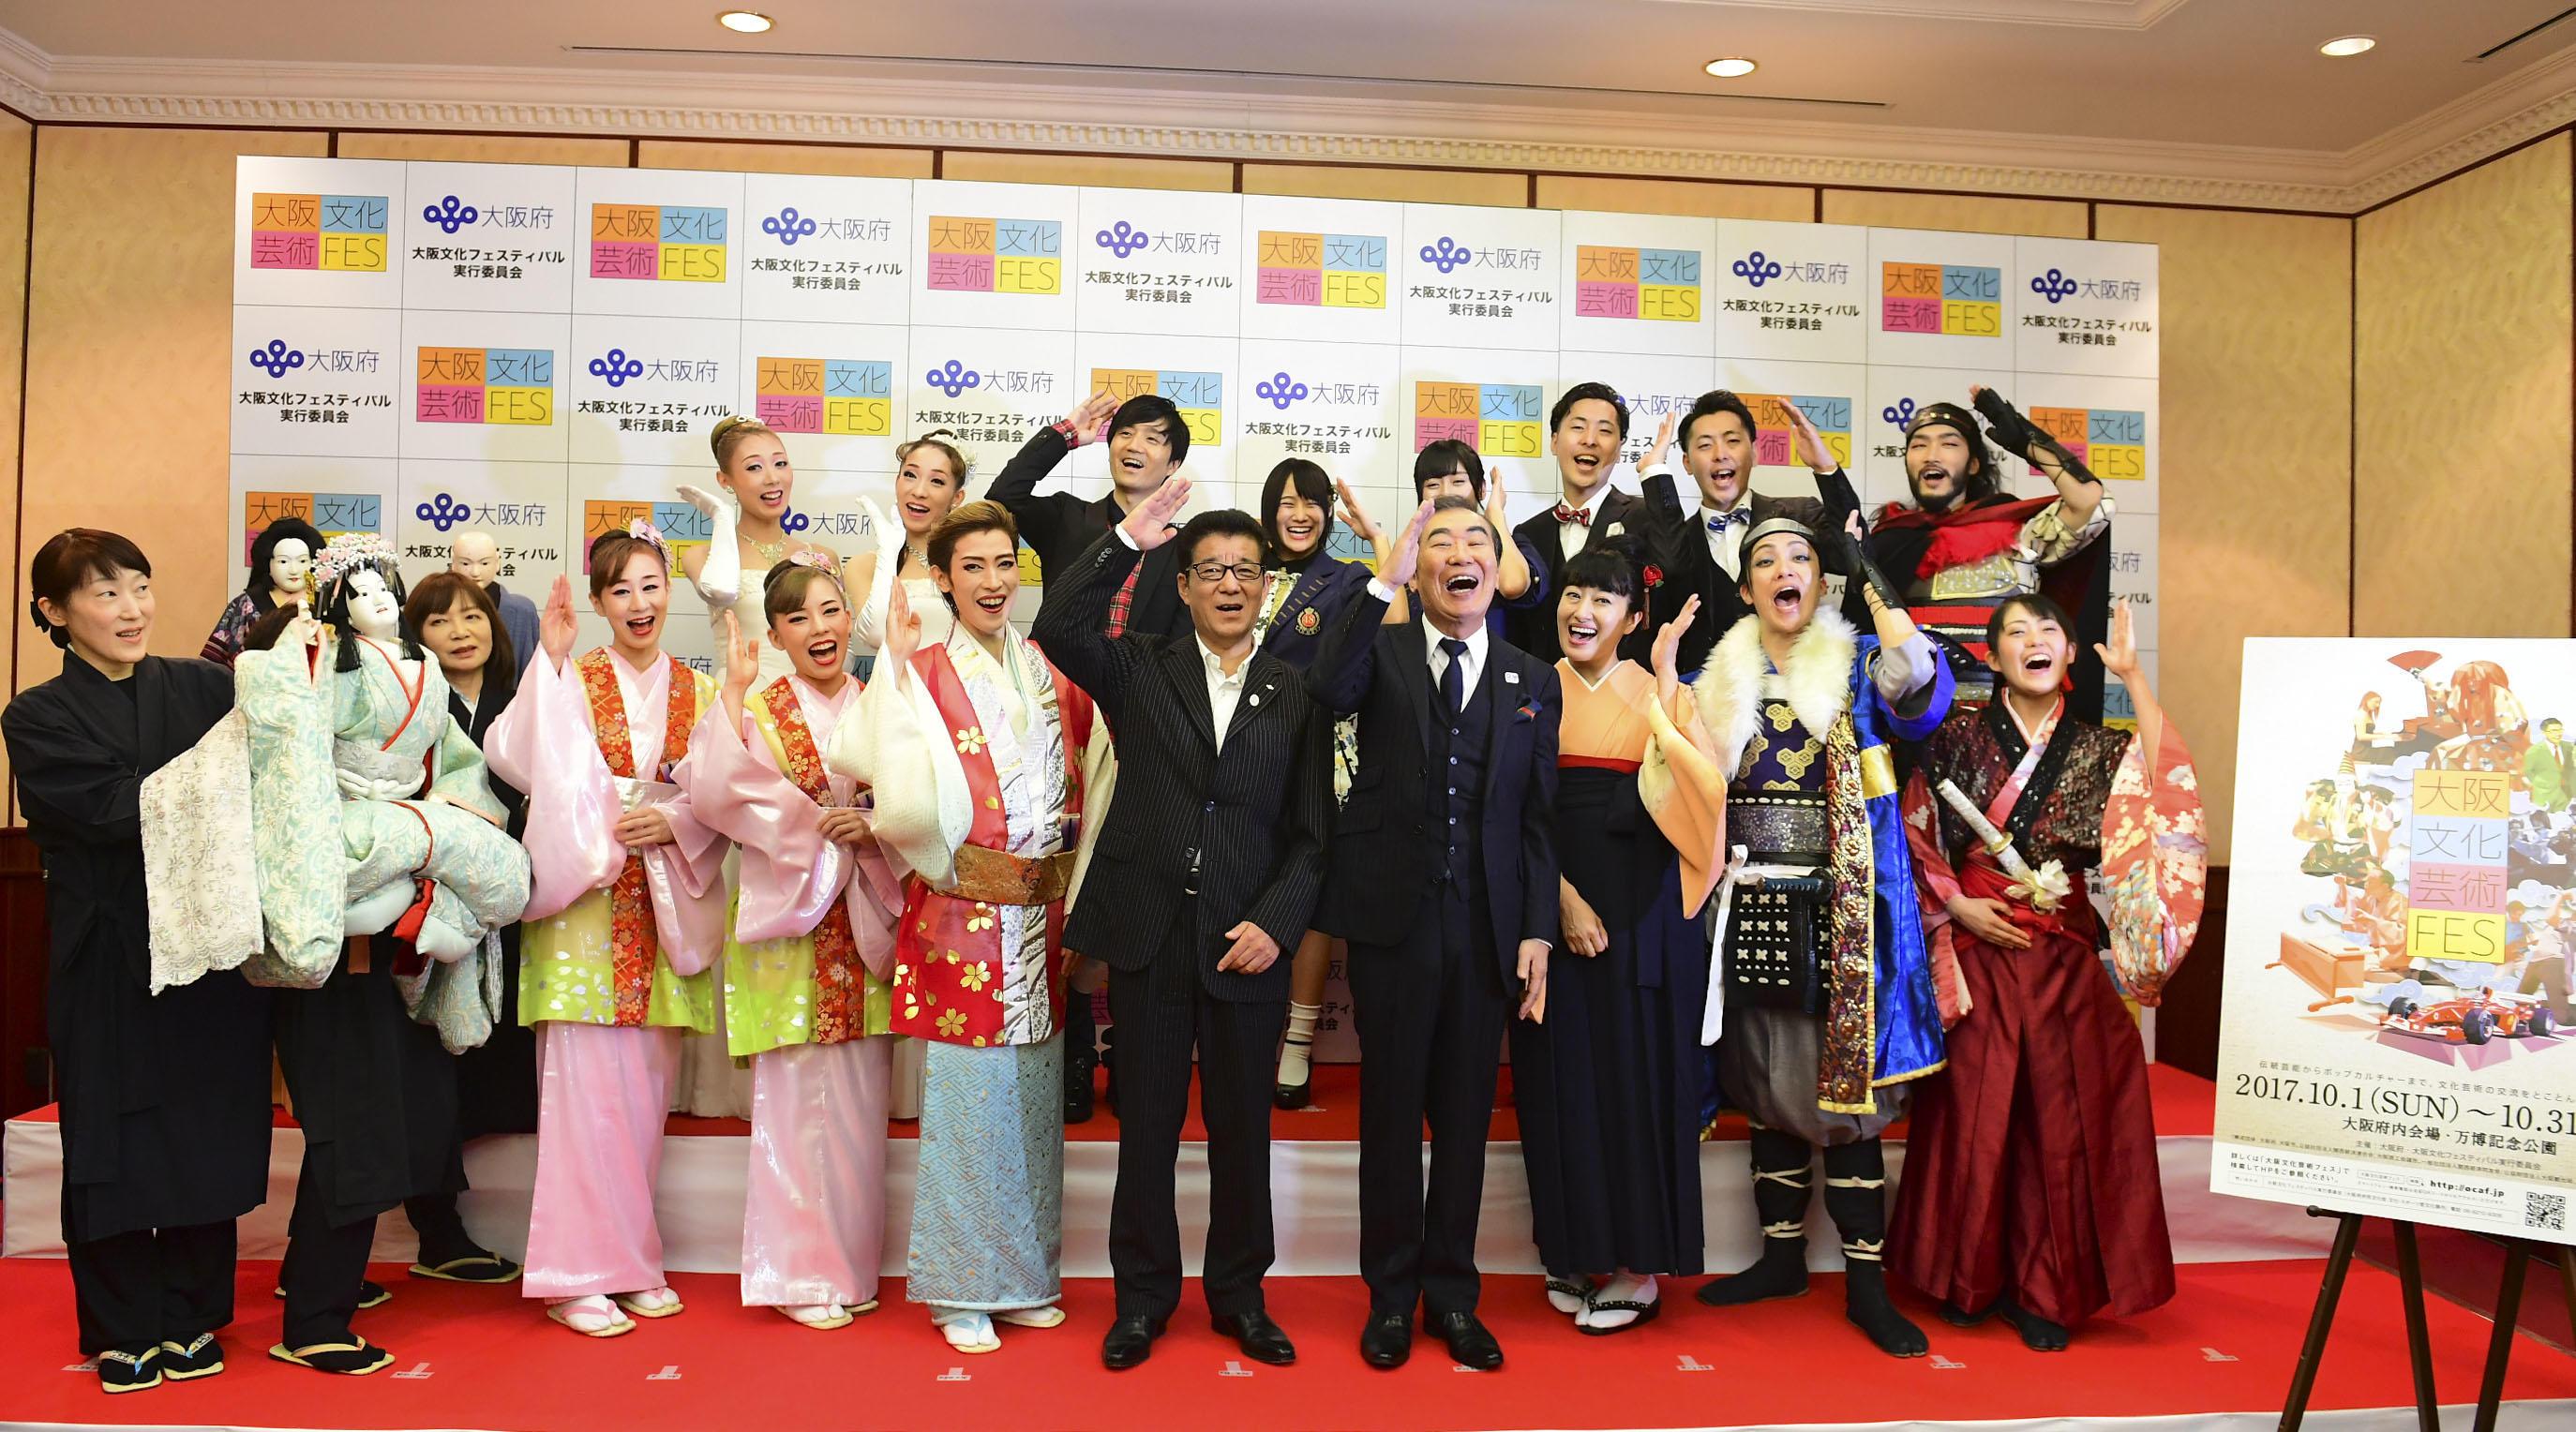 http://news.yoshimoto.co.jp/20170927103428-3cb3a872fcb089092e8fa7bdd838f059a1064c58.jpg